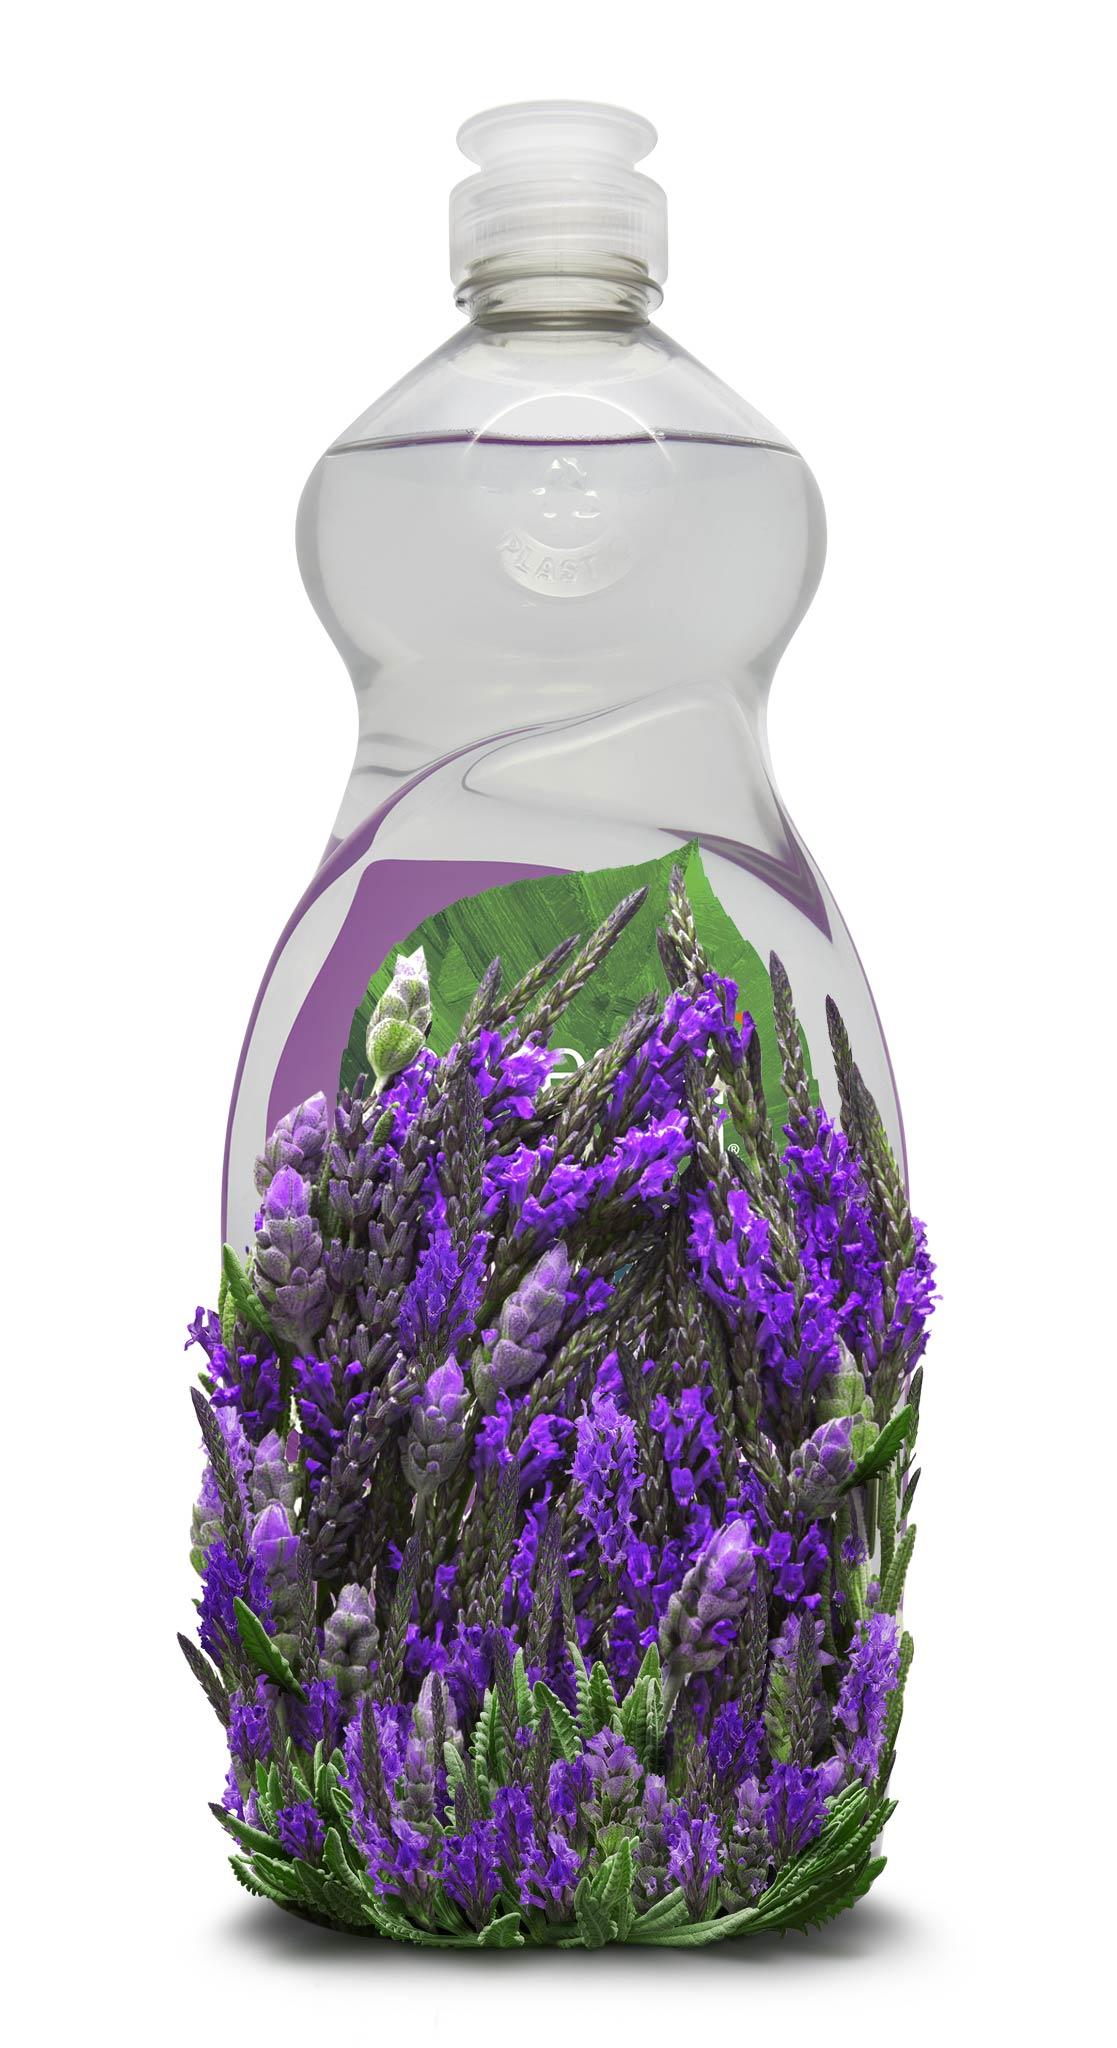 Lavender_DishWashing_16.jpg